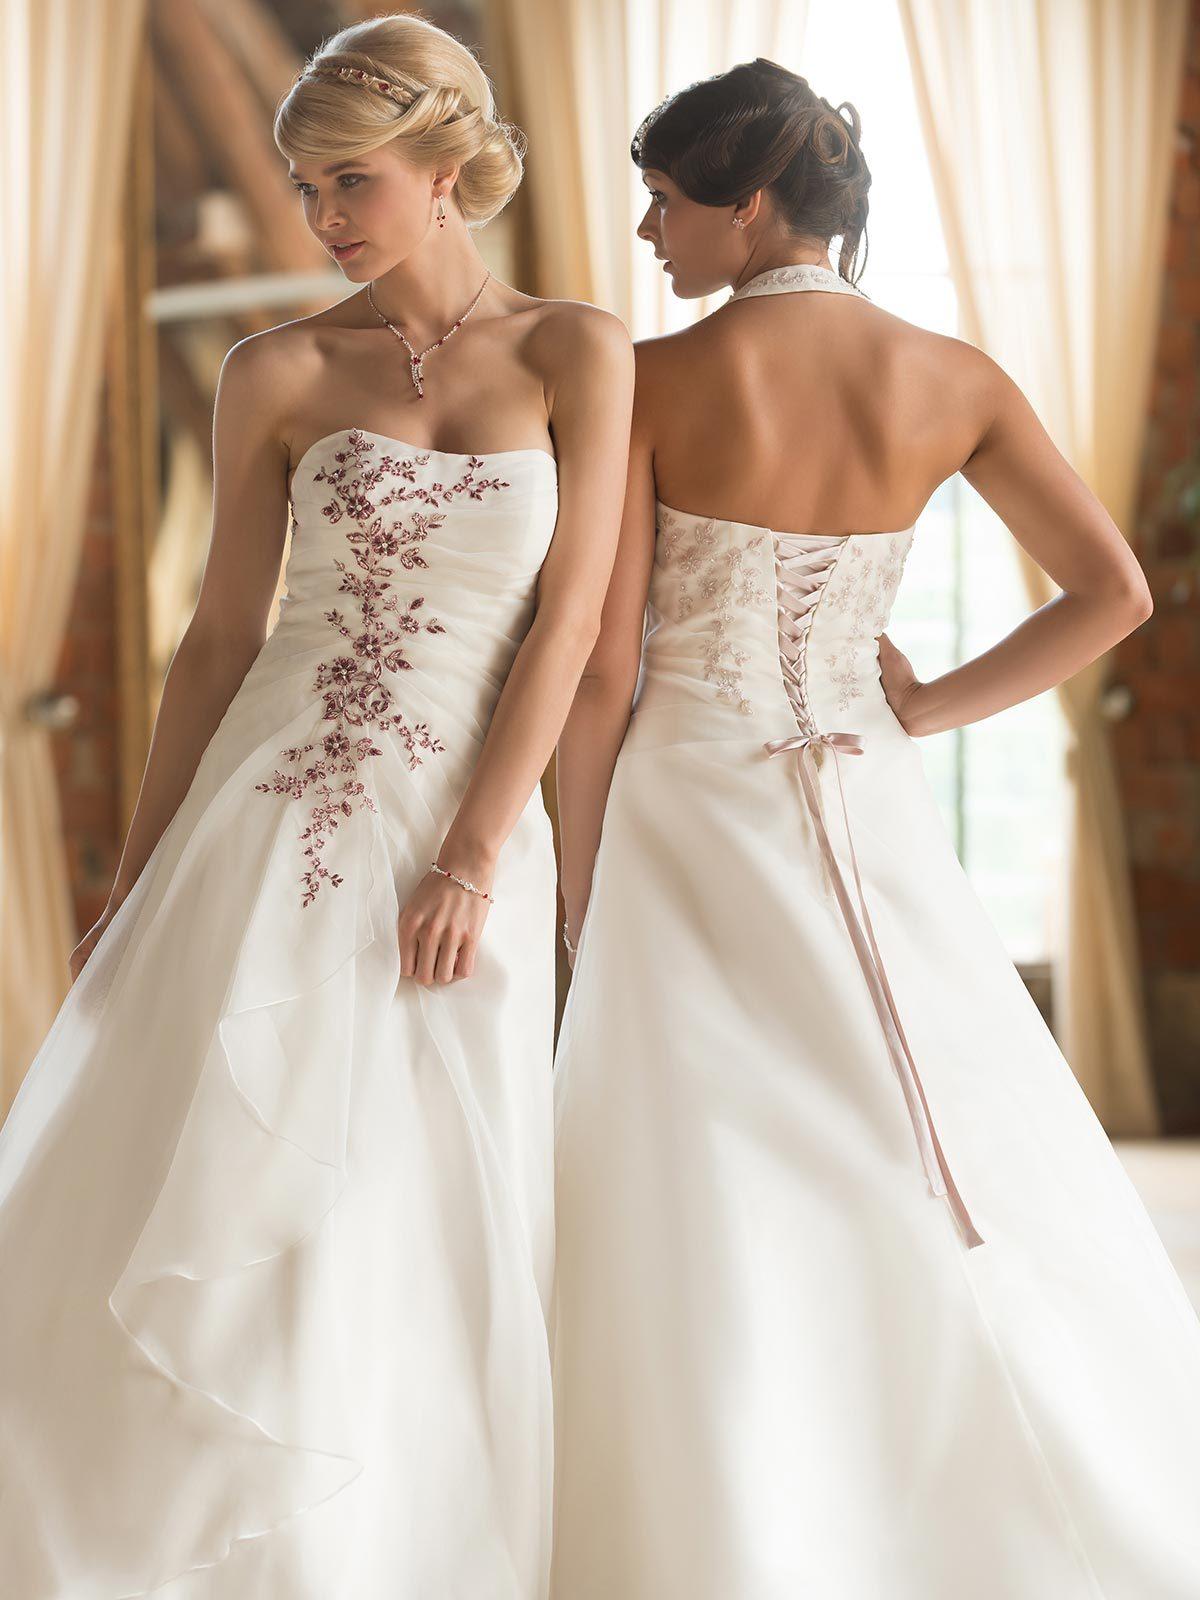 Brautkleid 328349 von Weise auf Jade